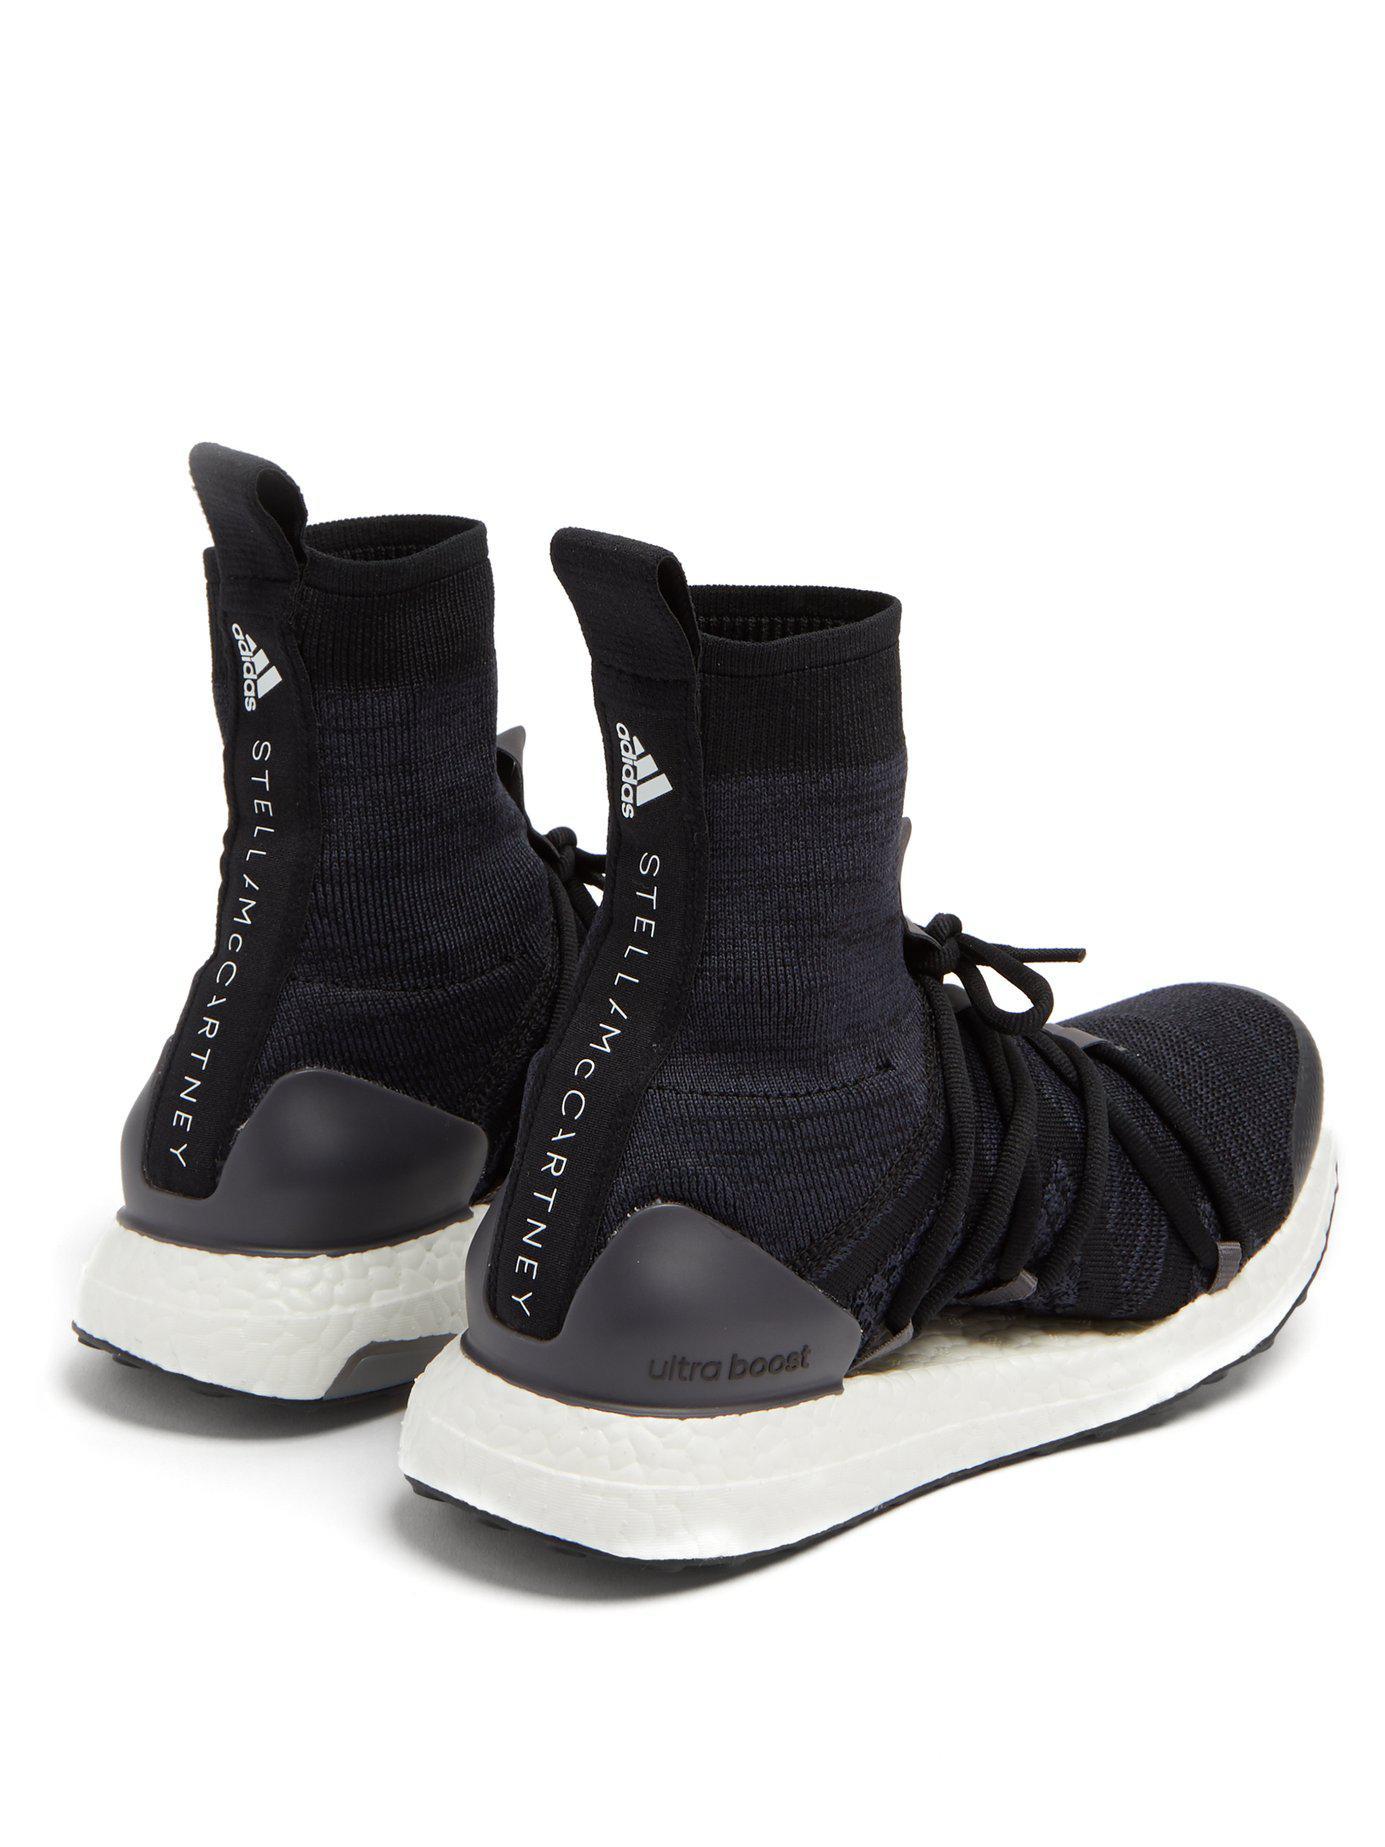 Adidas By Stella Mccartney Ultra Boost X High Top Sock